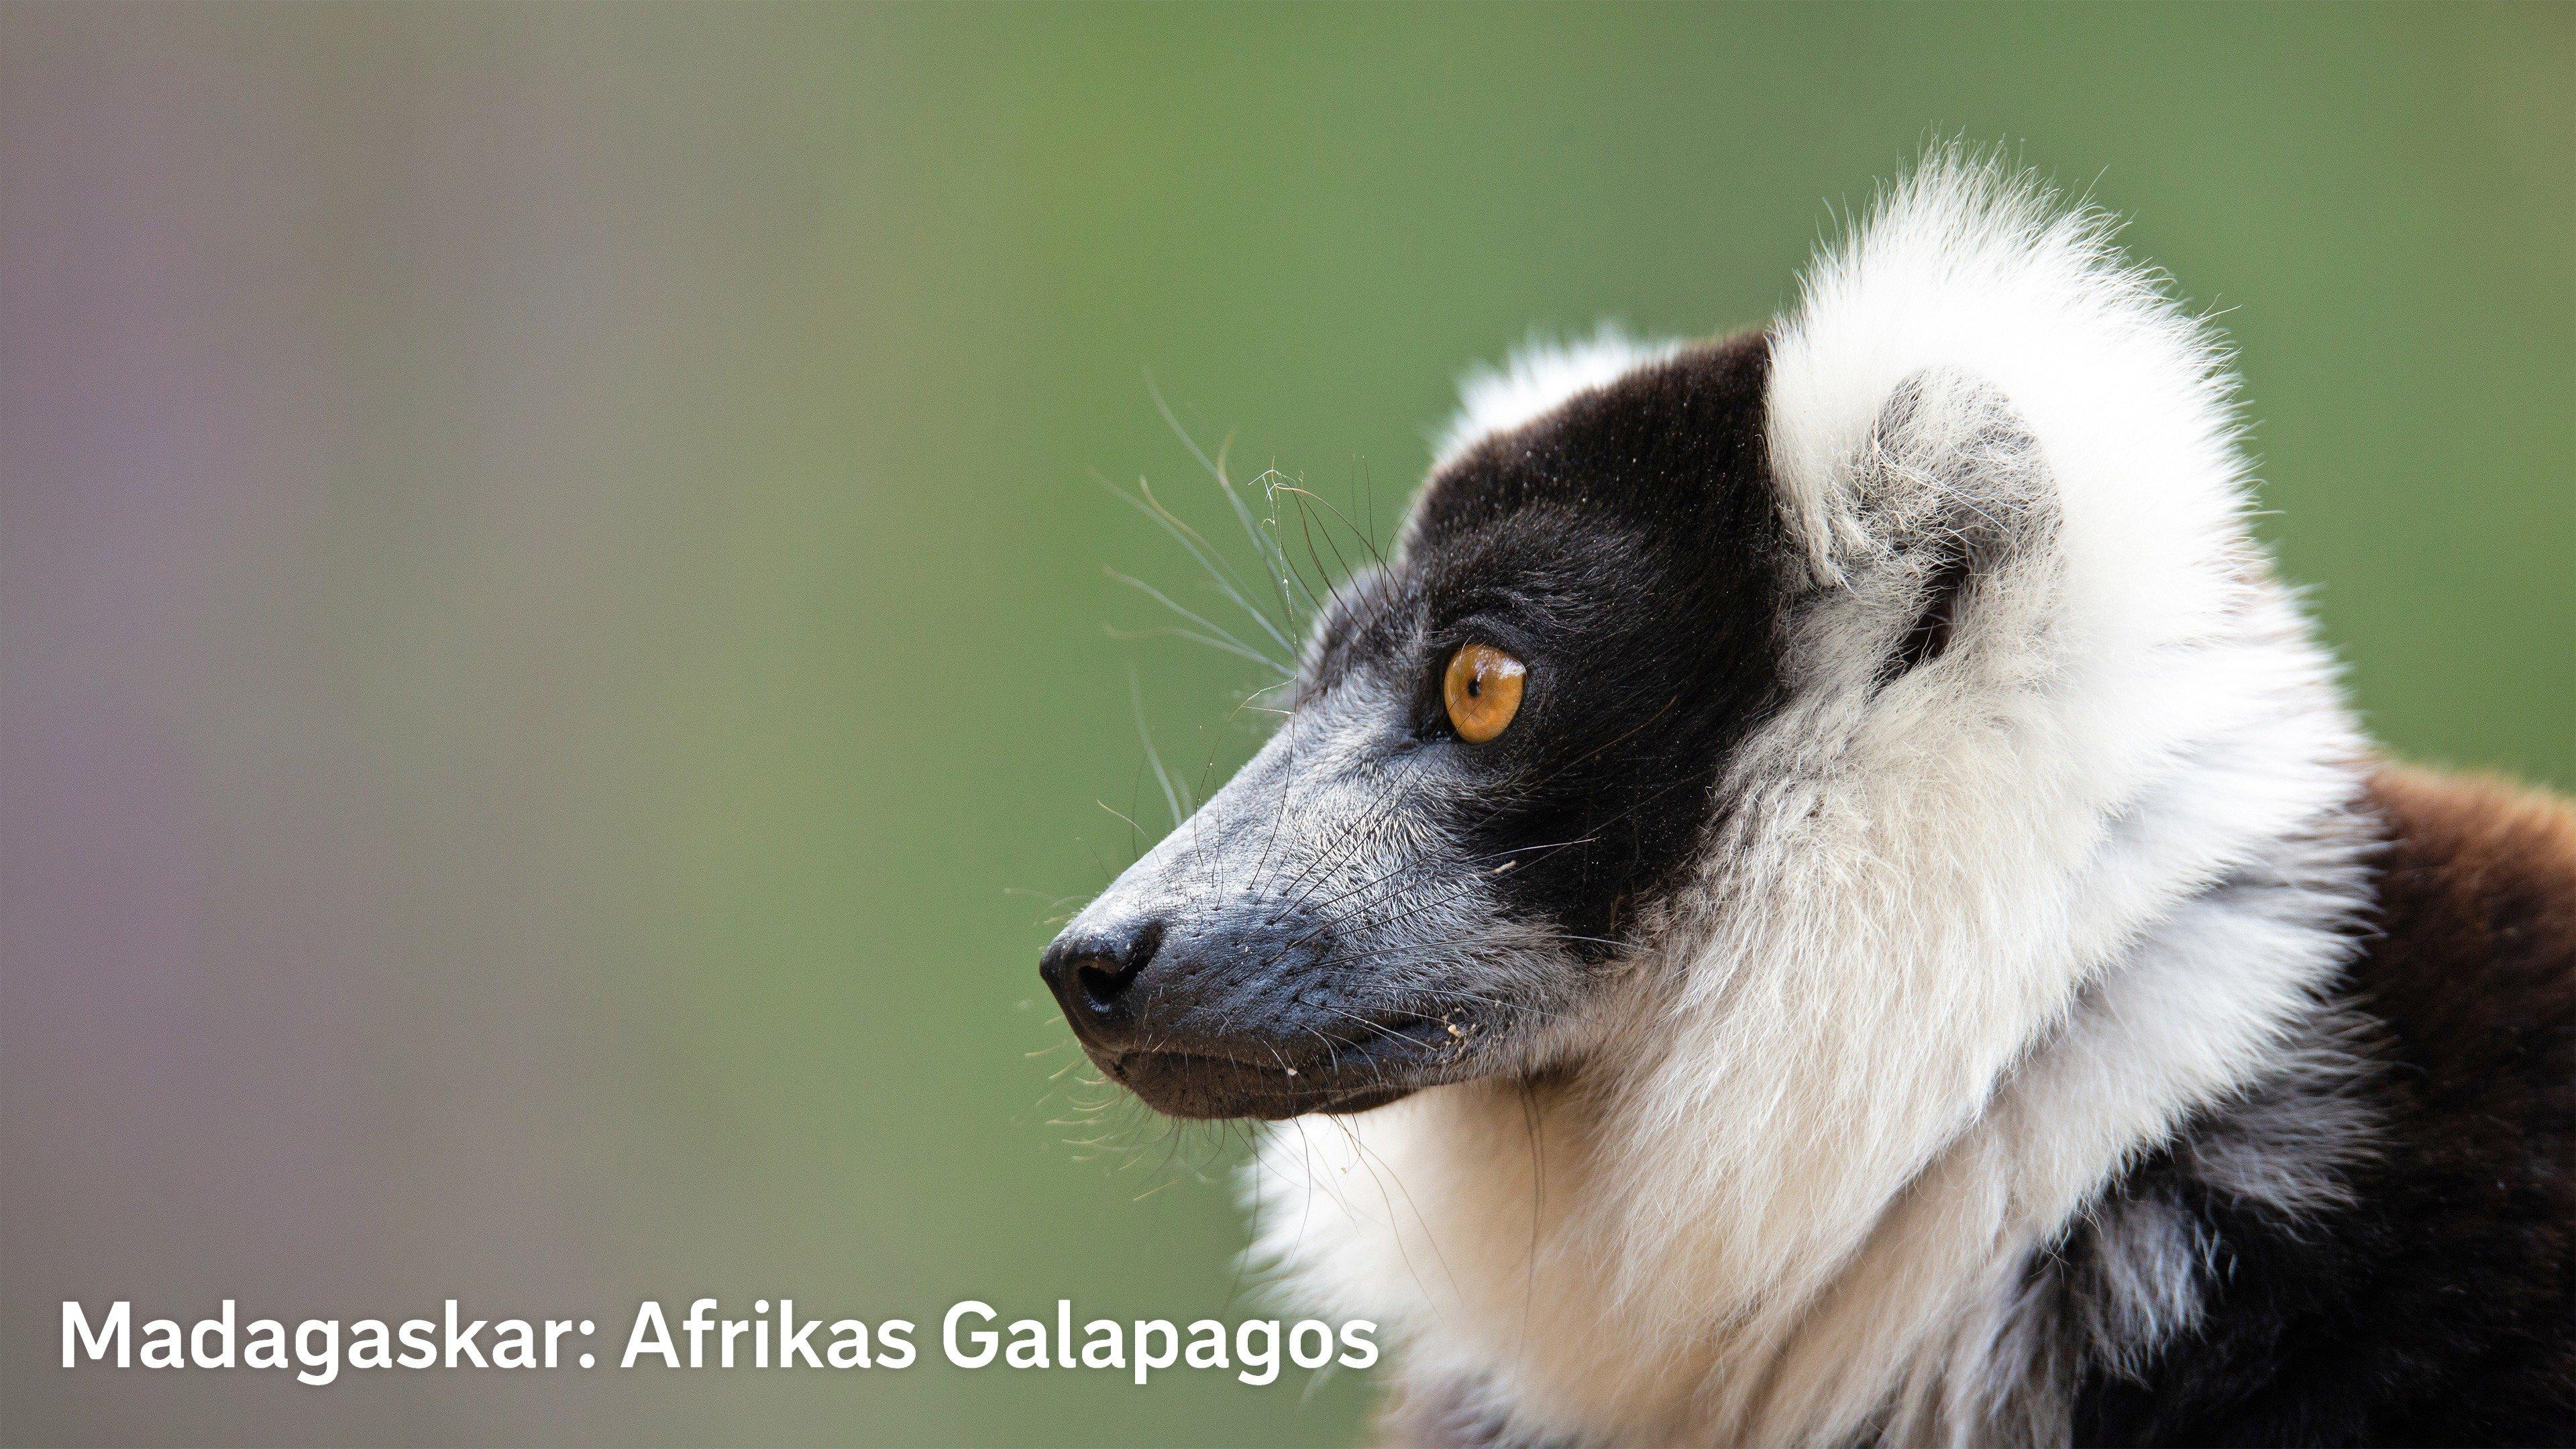 Madagaskar: Afrikas Galapagos